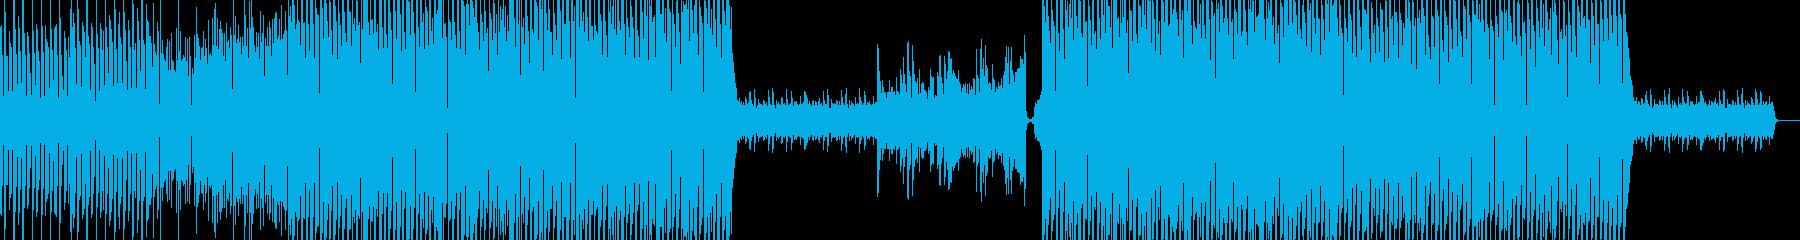 リズムが心地よいピアノが主旋律のハウスの再生済みの波形